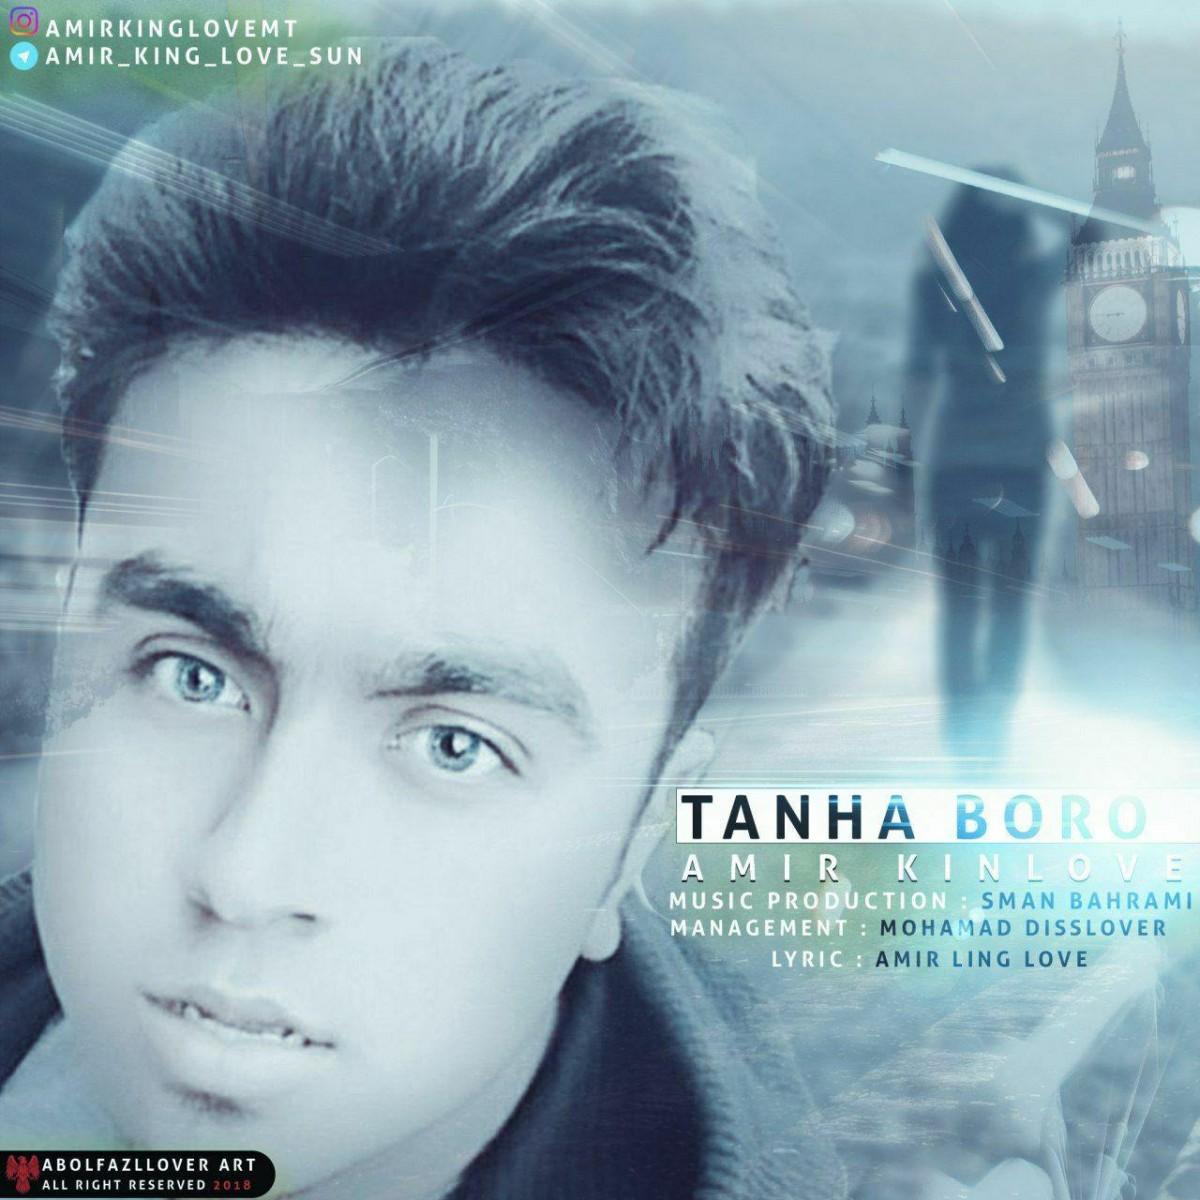 نامبر وان موزیک | دانلود آهنگ جدید Amir-King-Love-Tanha-Boro